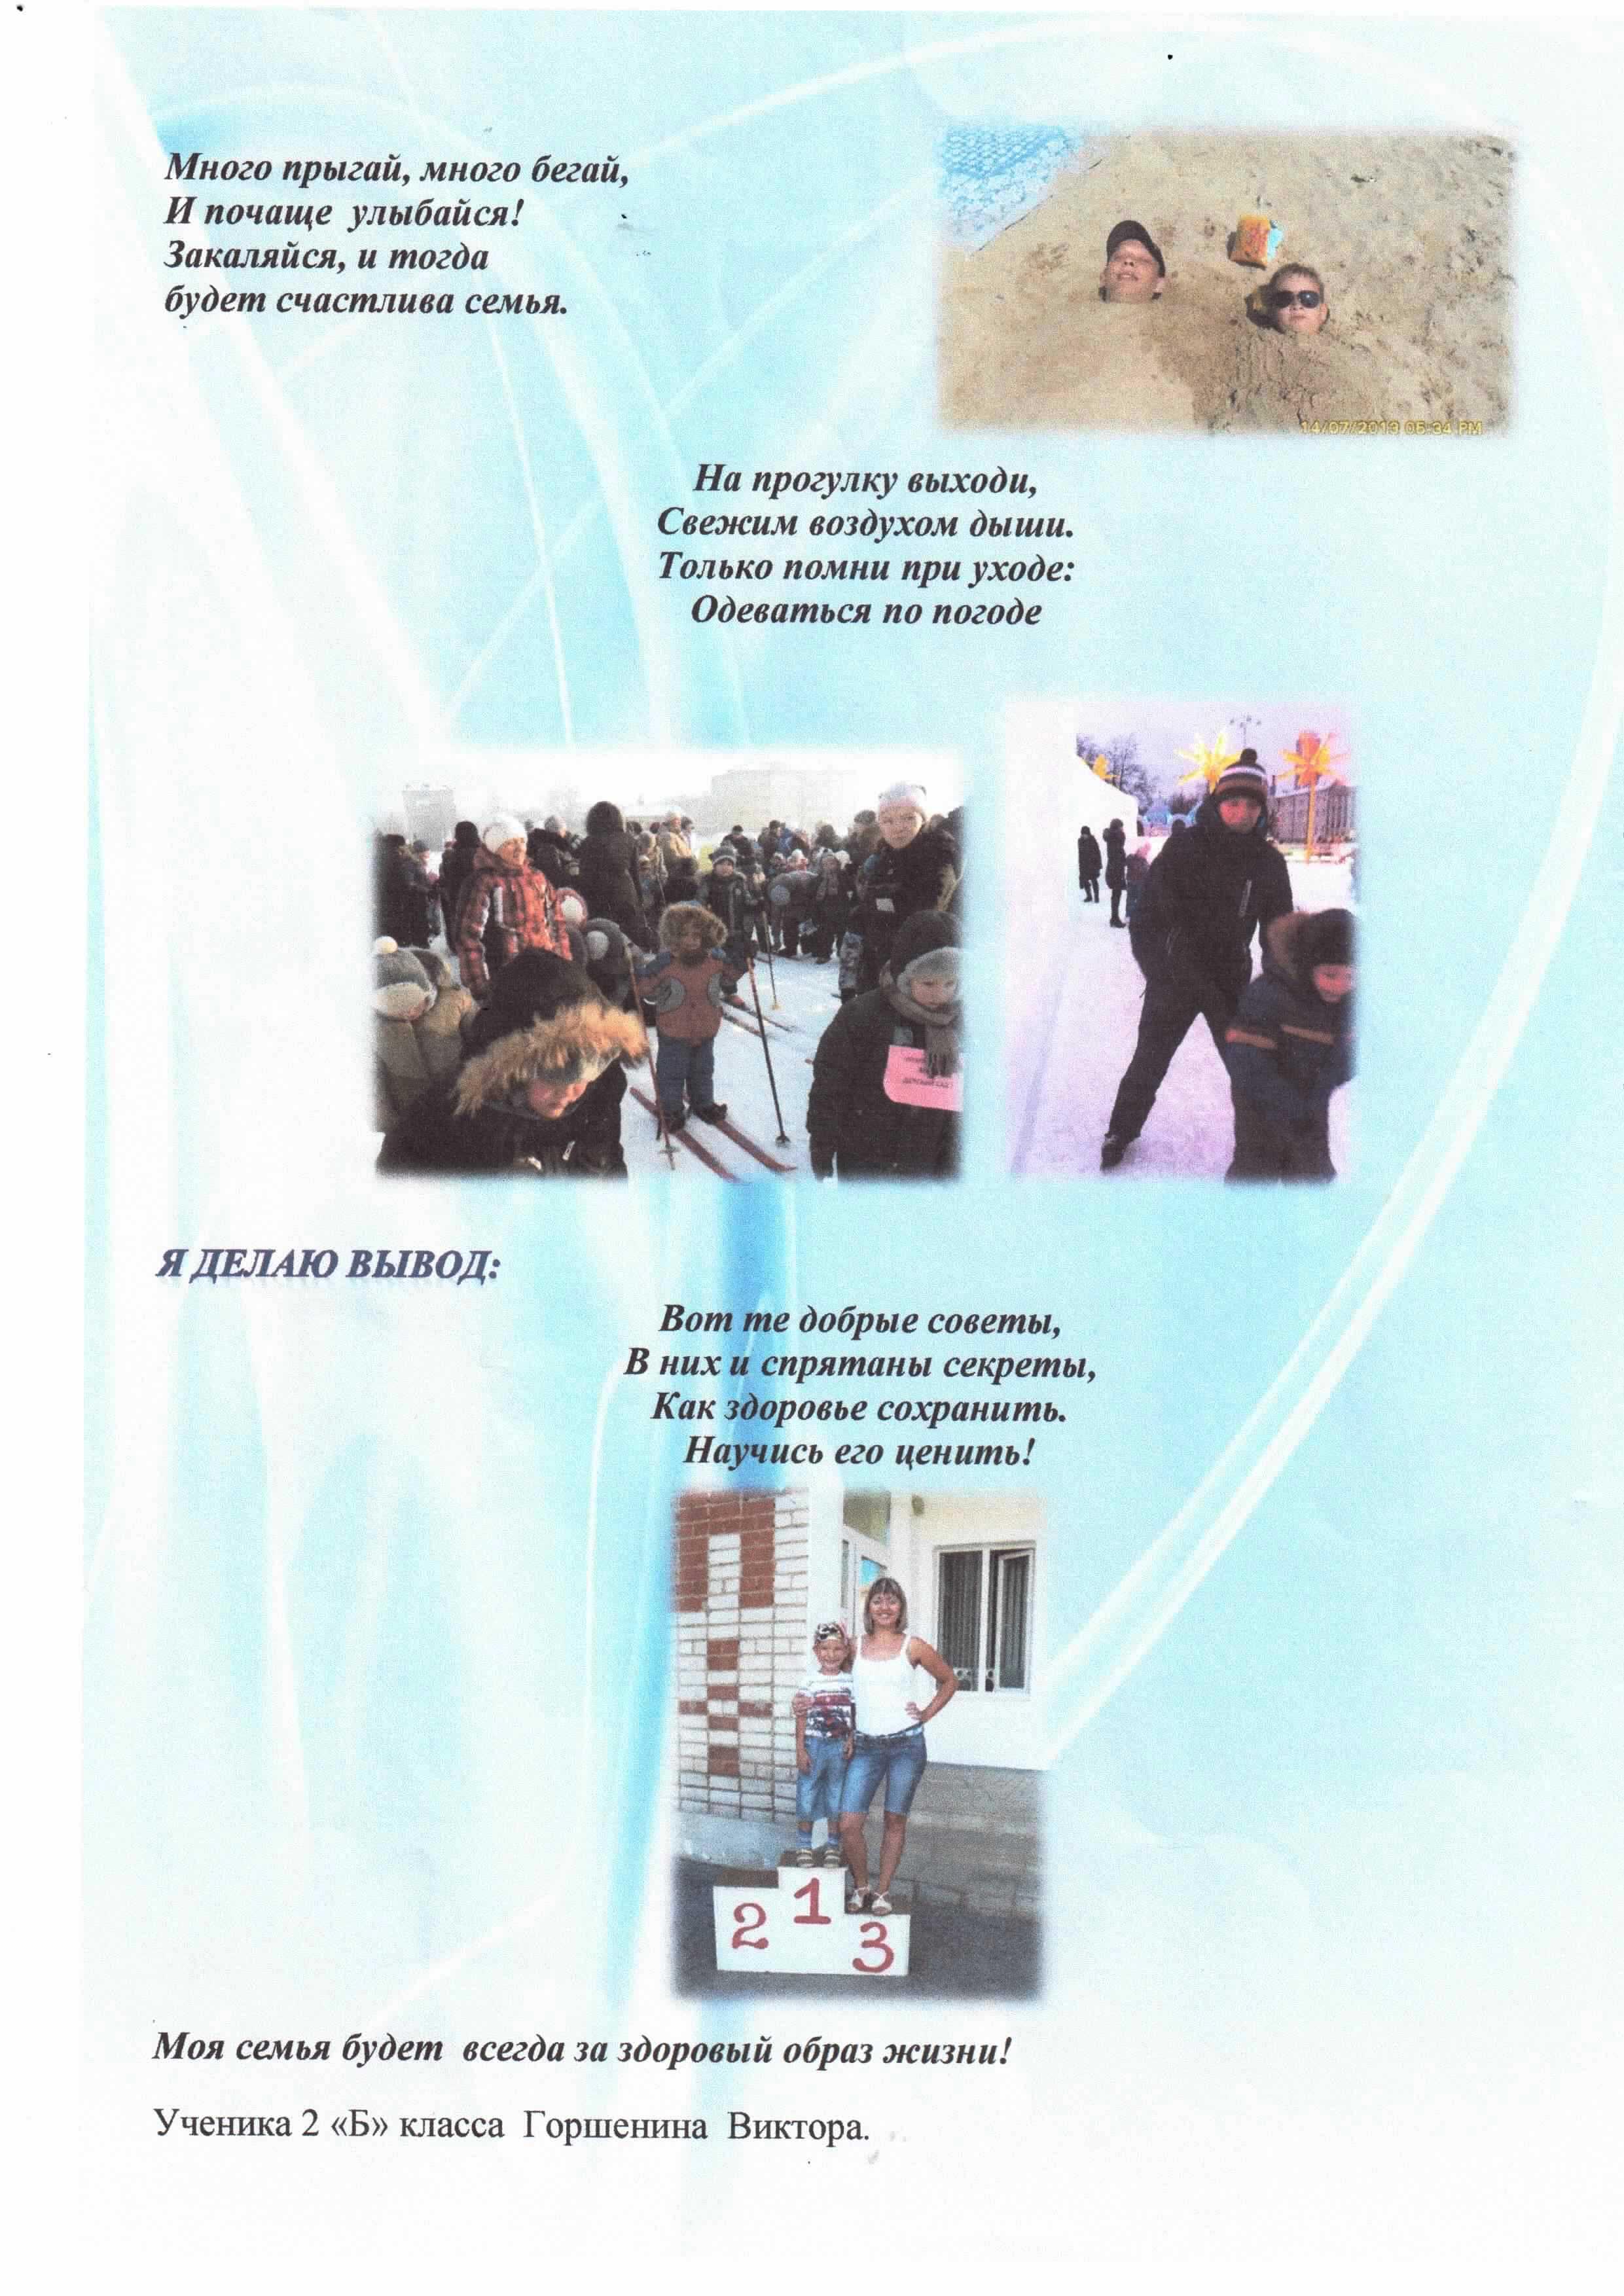 C:\Users\Татьяна\Desktop\Коллективный проект-Мы за здоровый образ жизни\Семья Горшенина Виктора.jpg